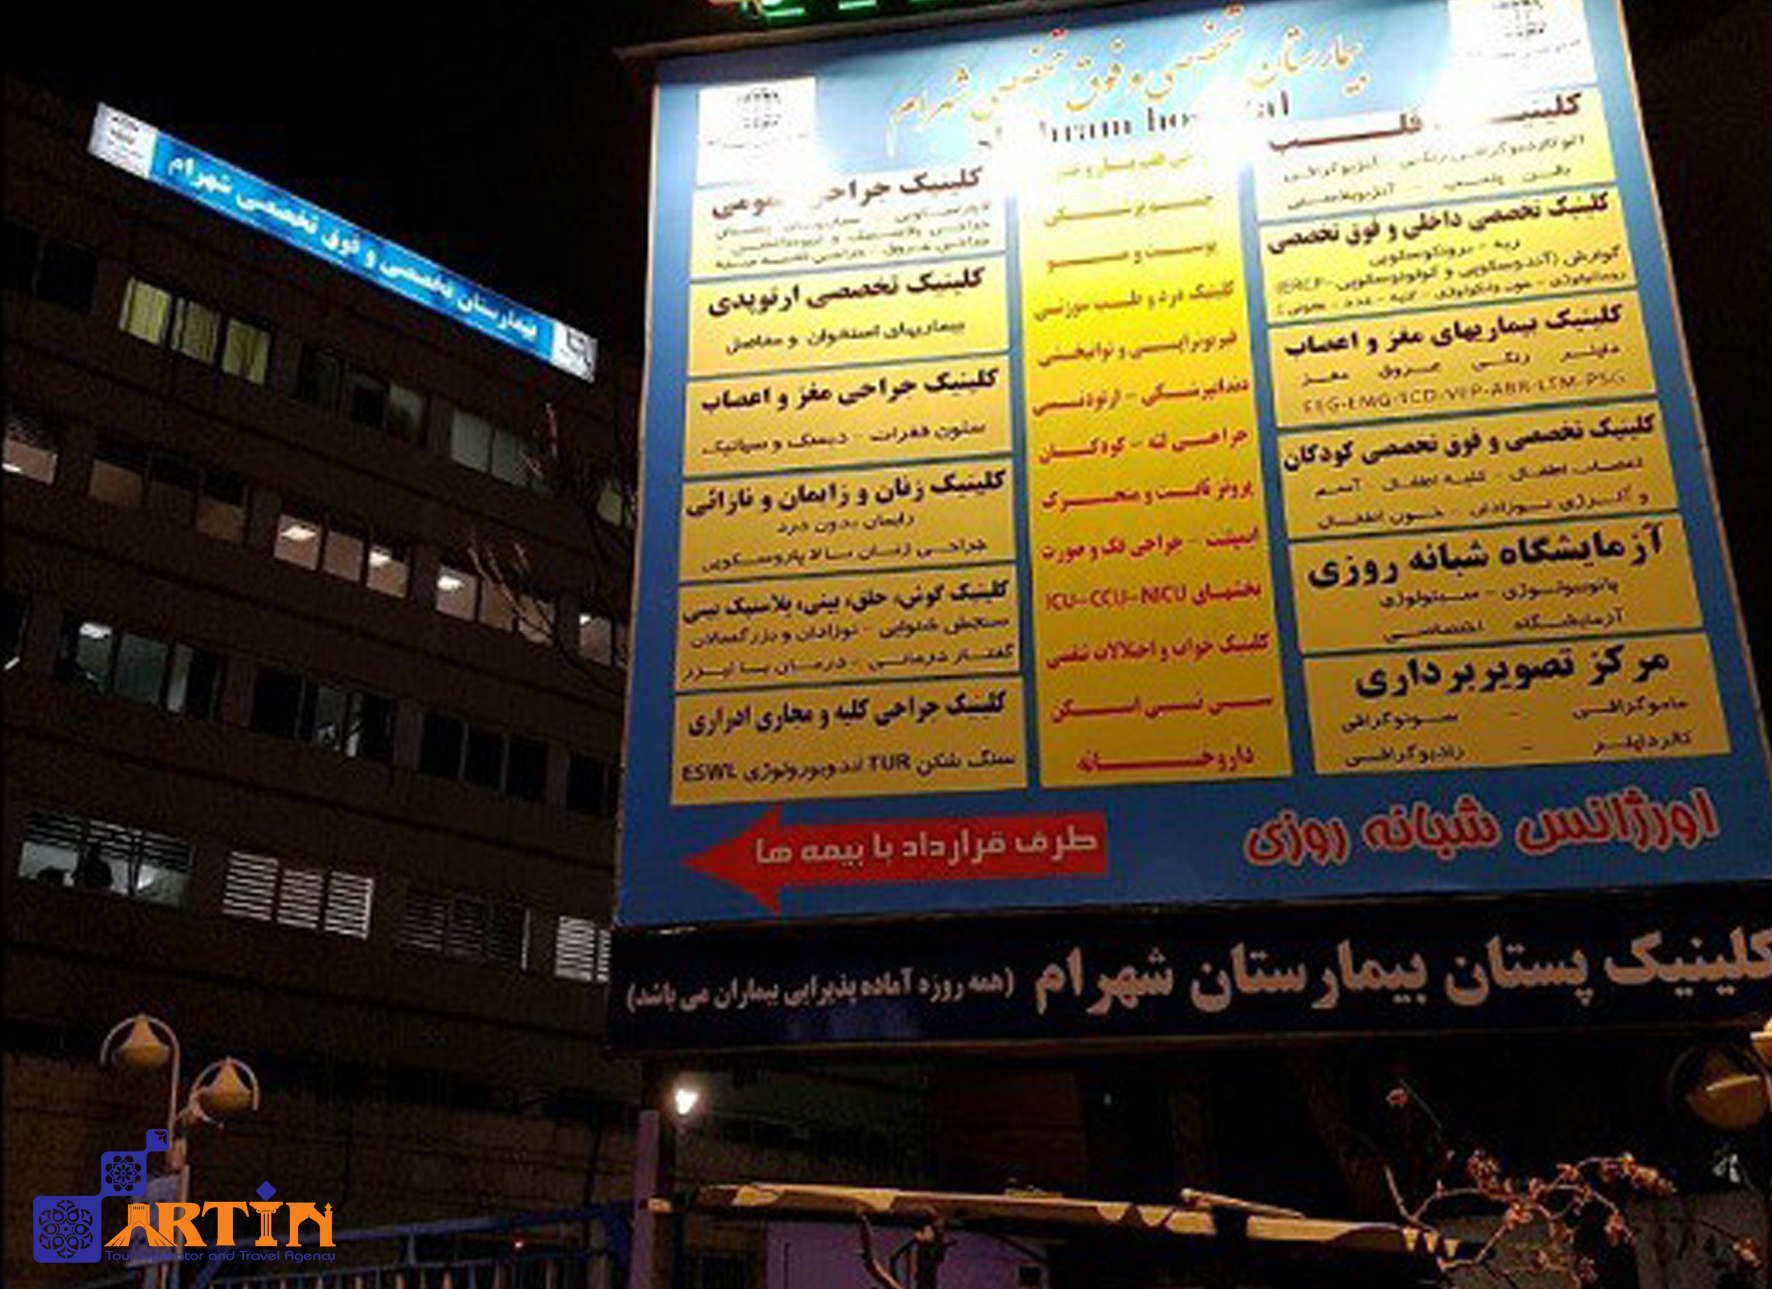 Iran medical tours-travelartin